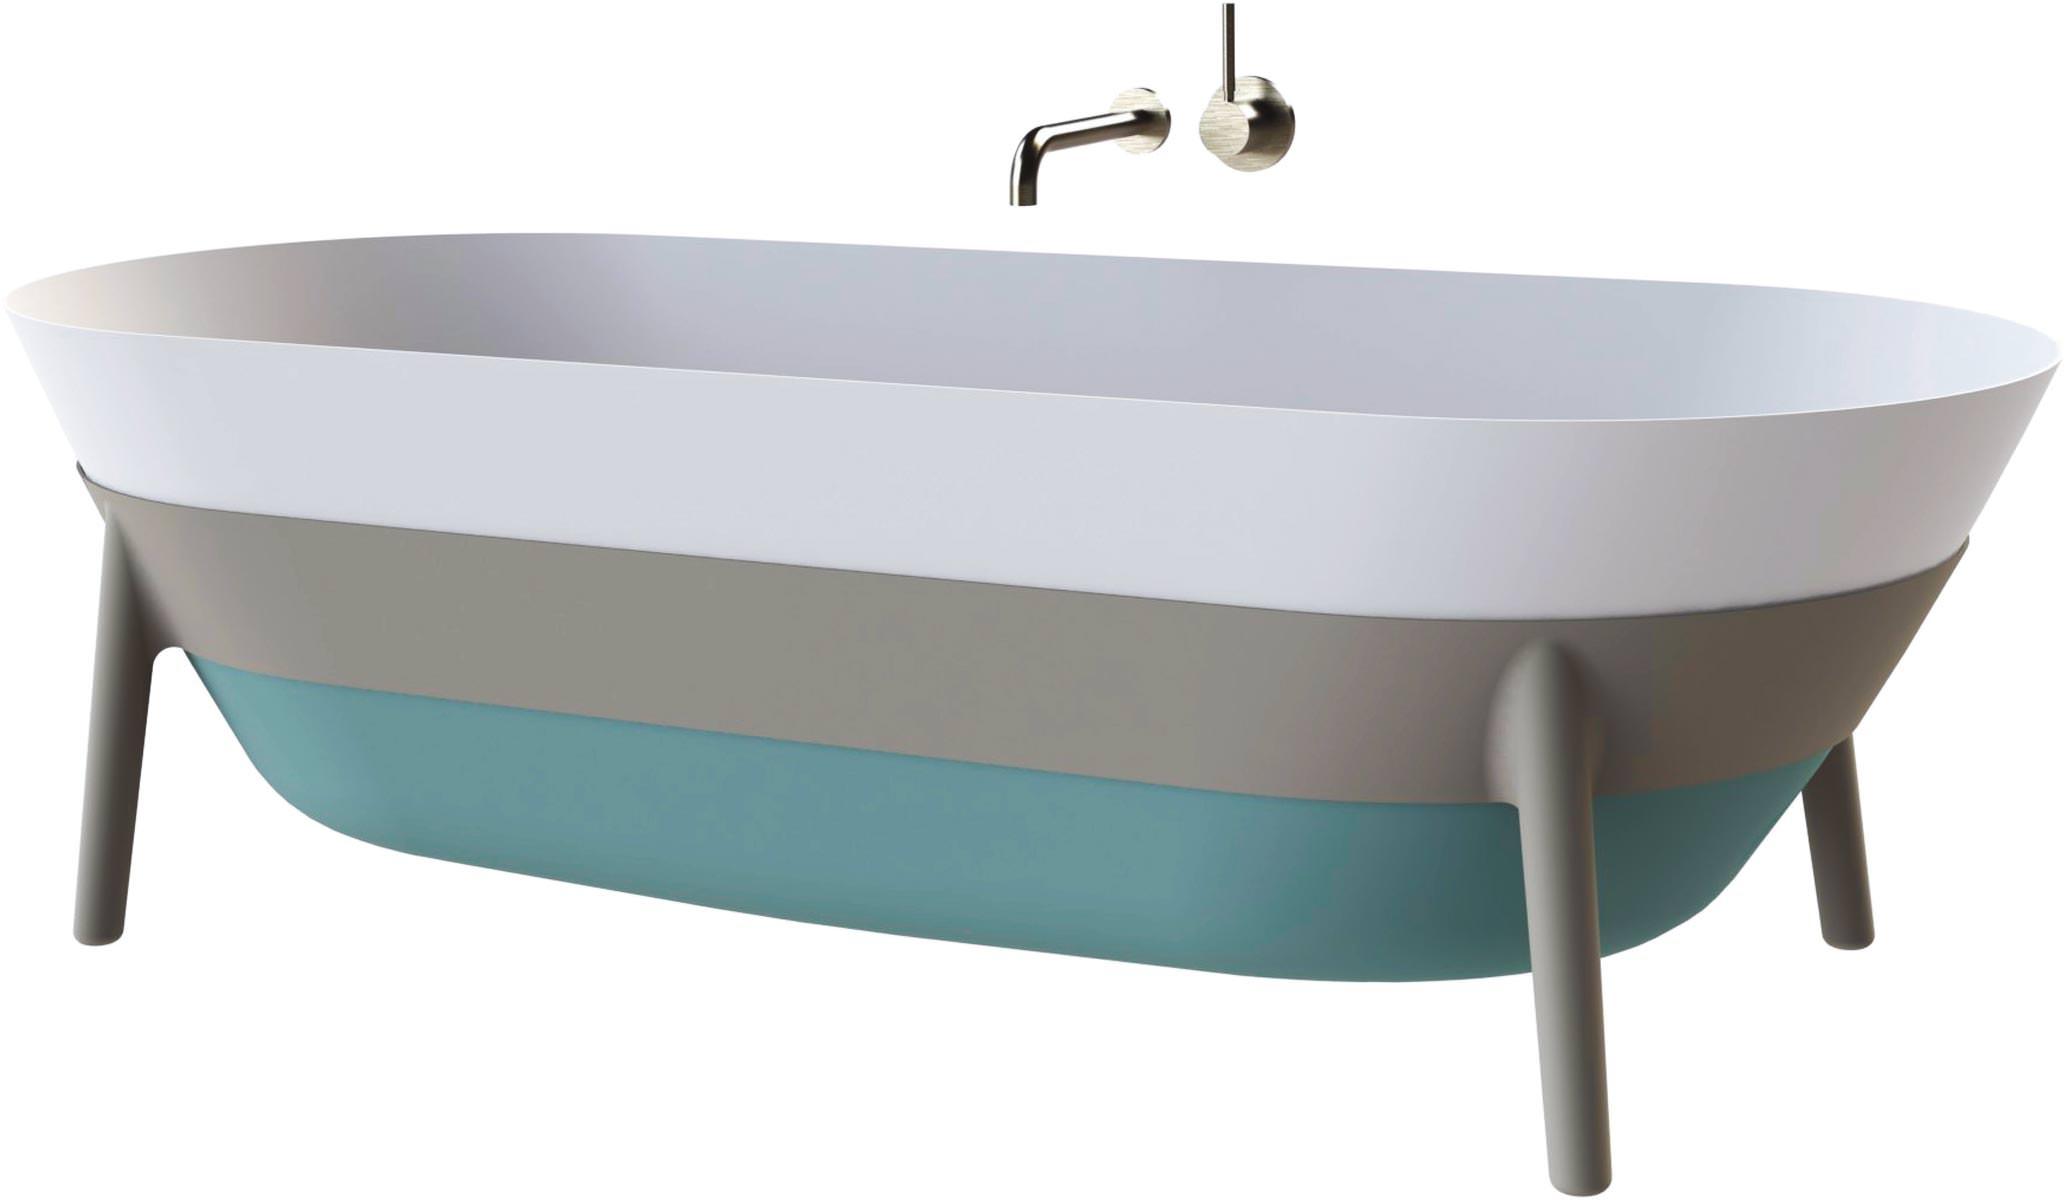 neue designerkooperation f hrt zu zwei neuen kaldewei produktstudien aus stahl email. Black Bedroom Furniture Sets. Home Design Ideas